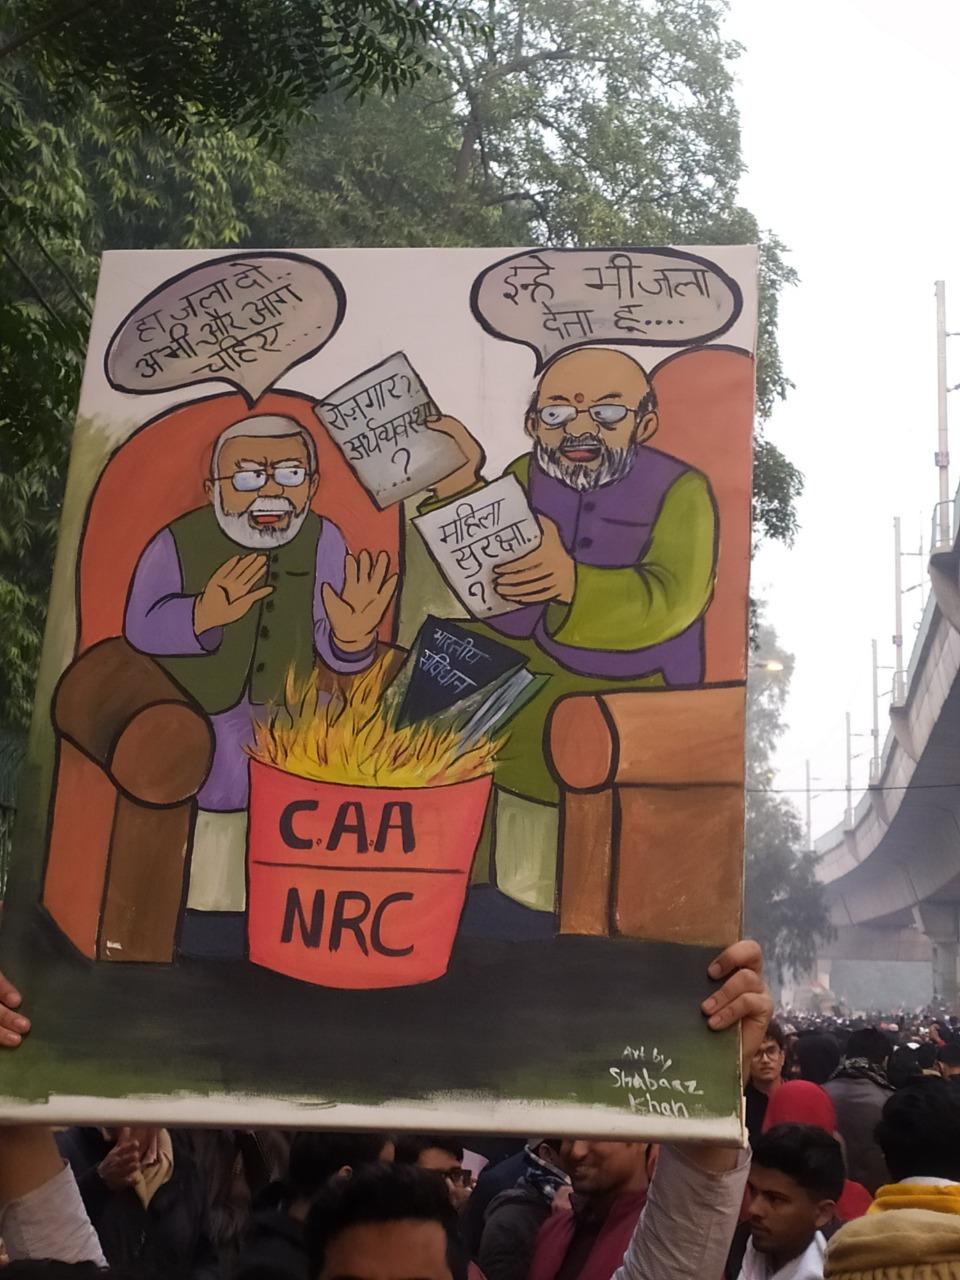 CAA|NRC